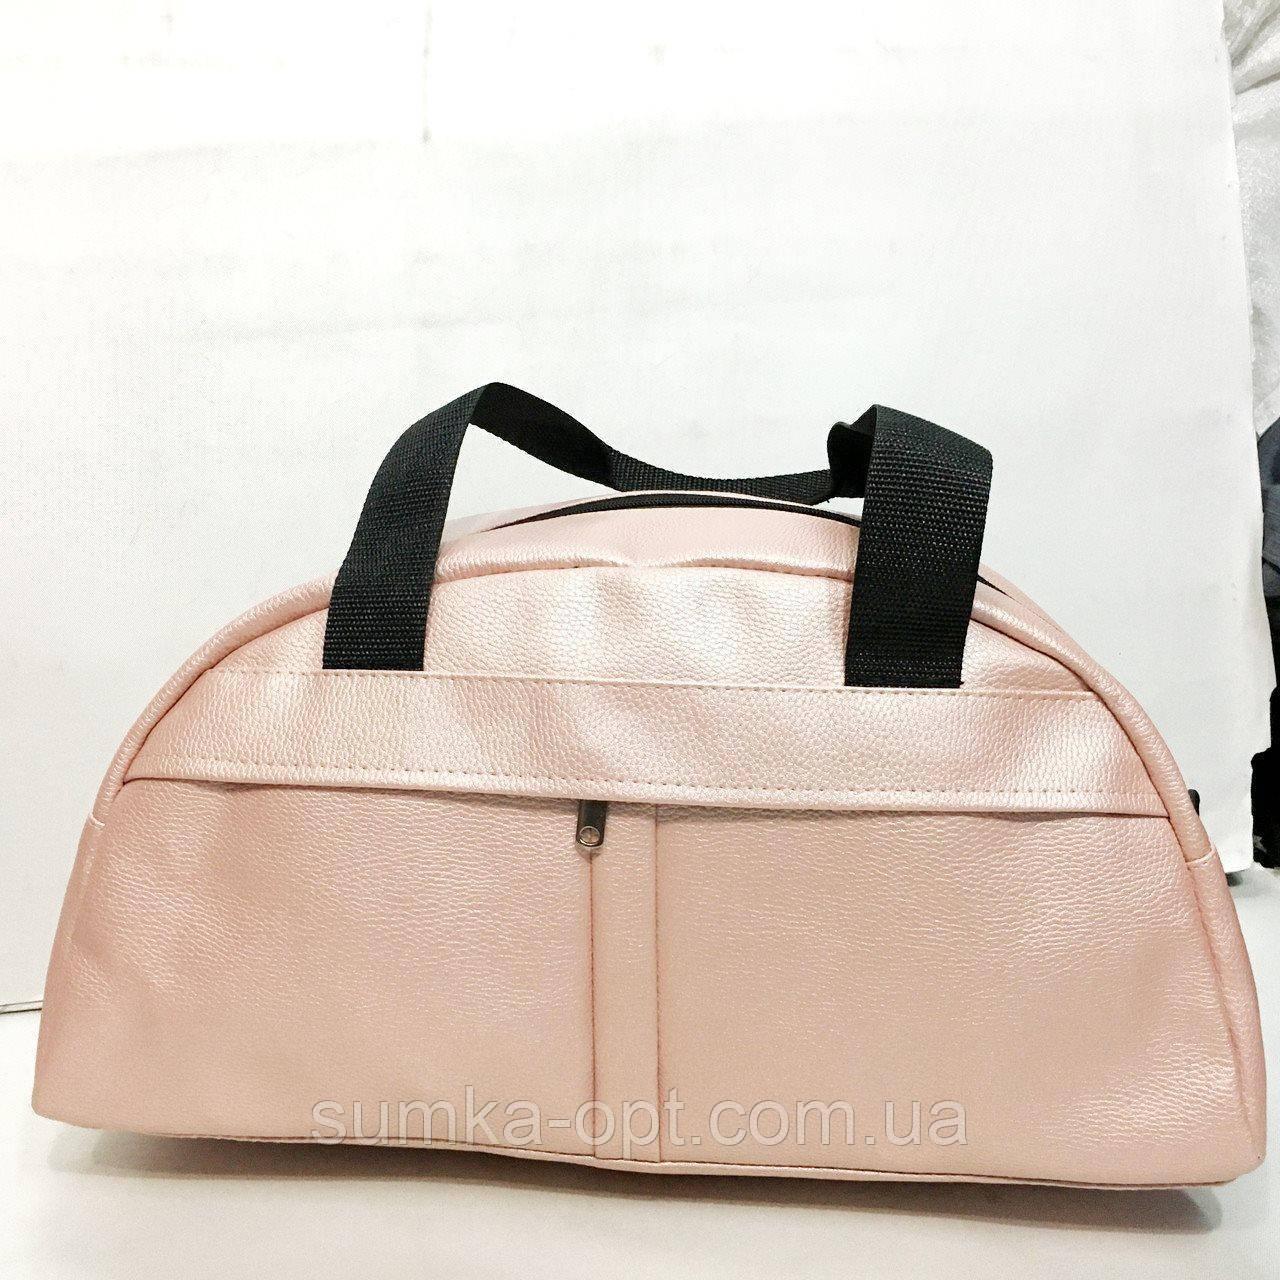 Спортивные сумки из искусственной кожи (РОЗОВЫЙ БЕЗ НАКАТКИ)20х24х44см